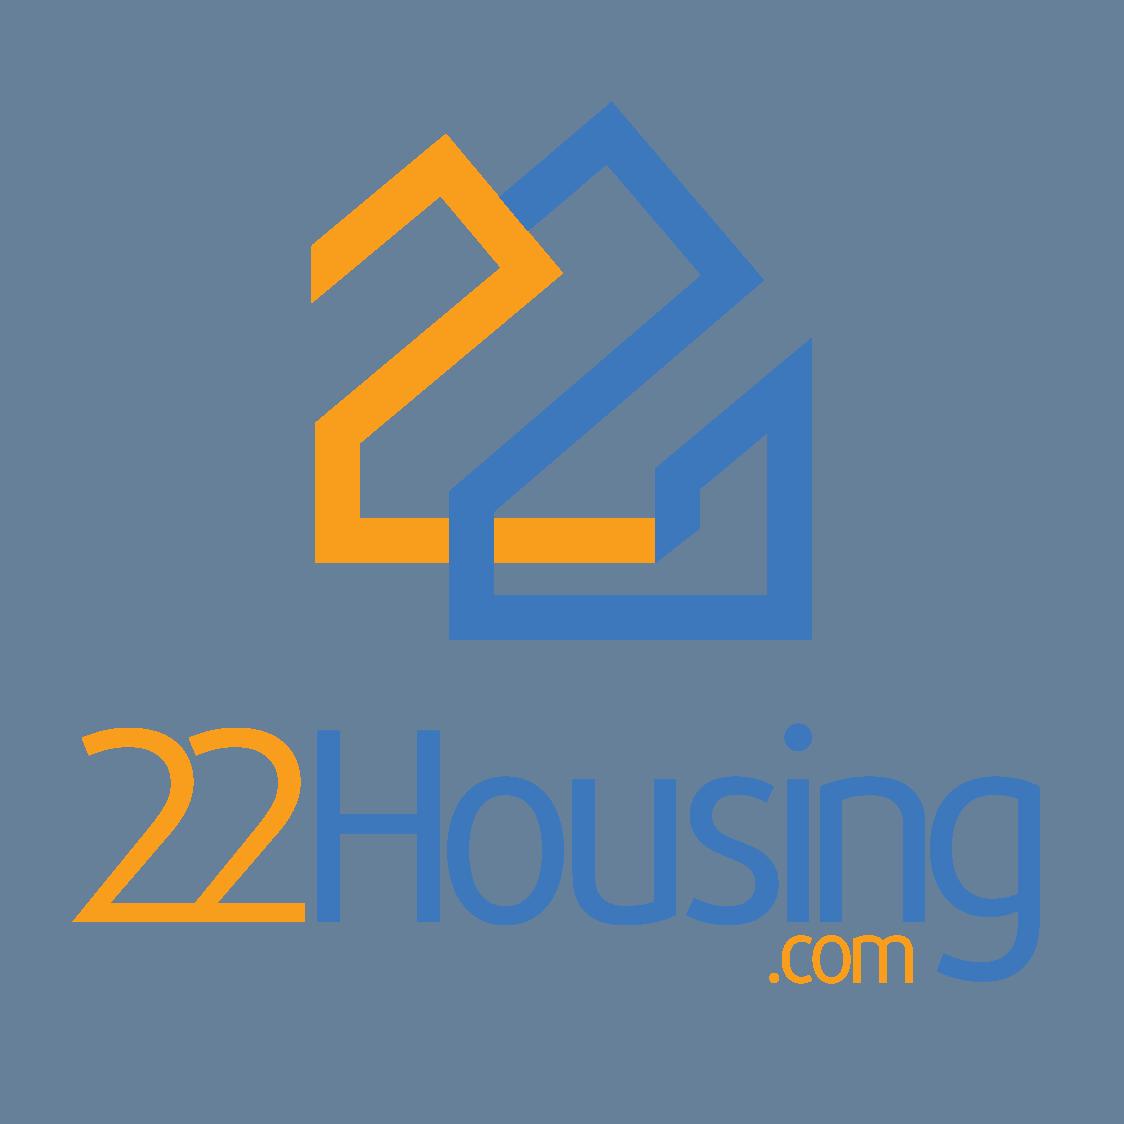 賃貸アパート,ハノイ賃貸アパート,安価,良いサービス,ホットライン0972248975,メール: 22housing@gmail.com